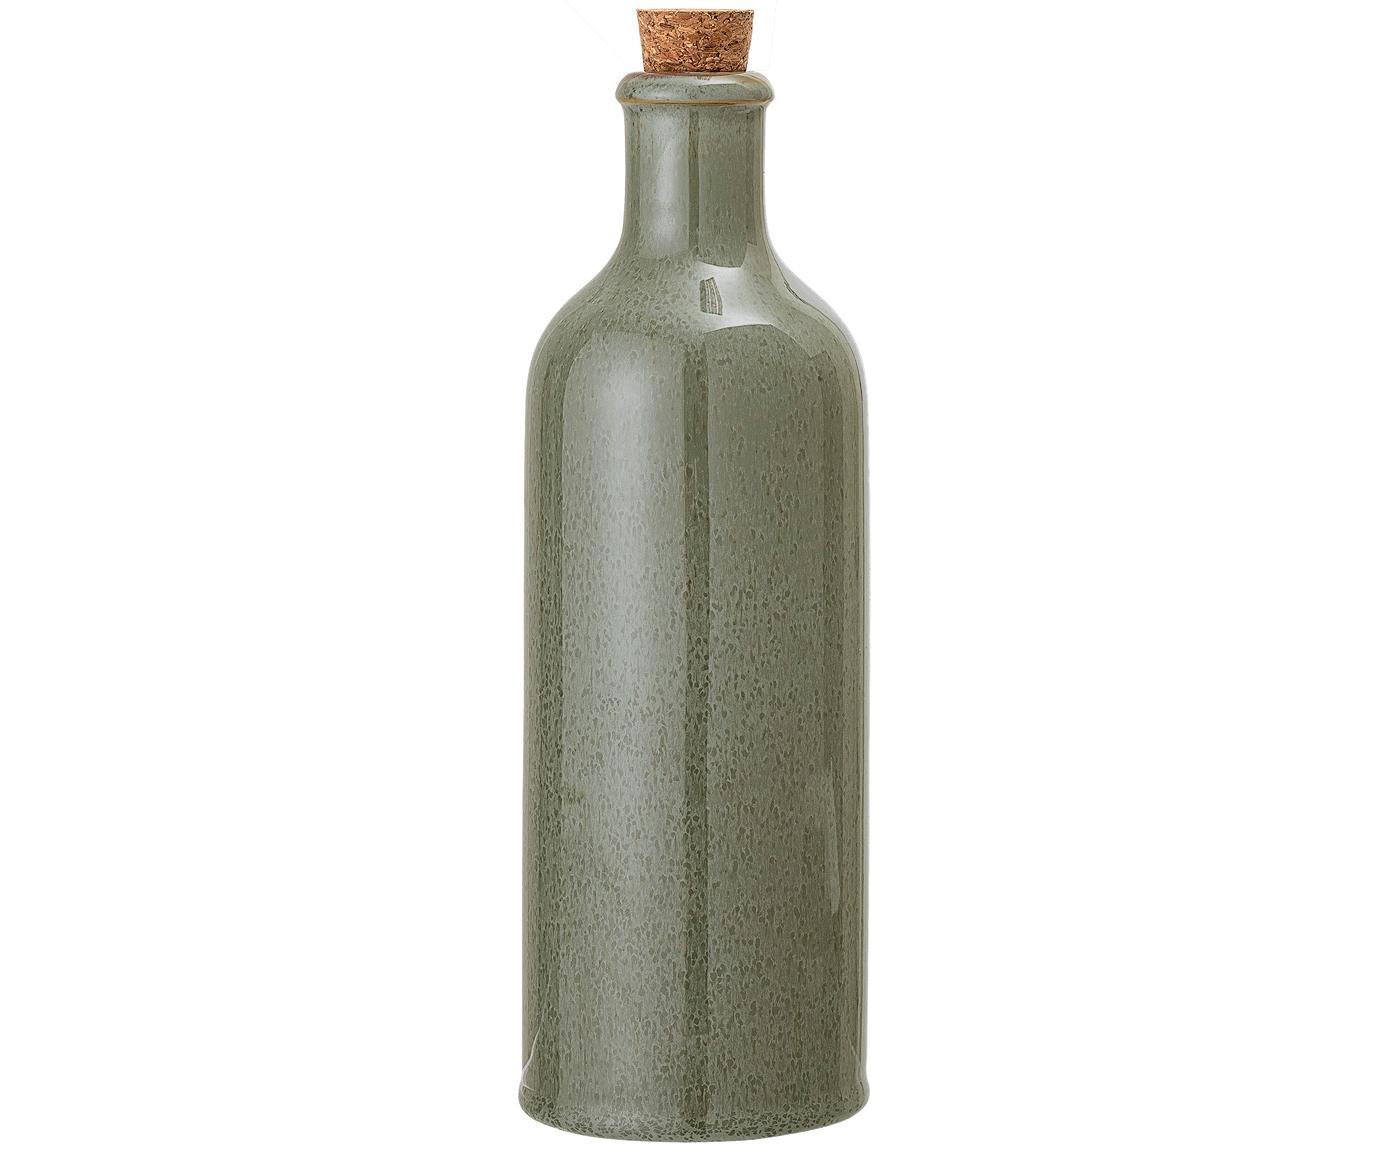 Karafka na ocet i olej Pixie, Odcienie zielonego, Ø 8 x W 25 cm